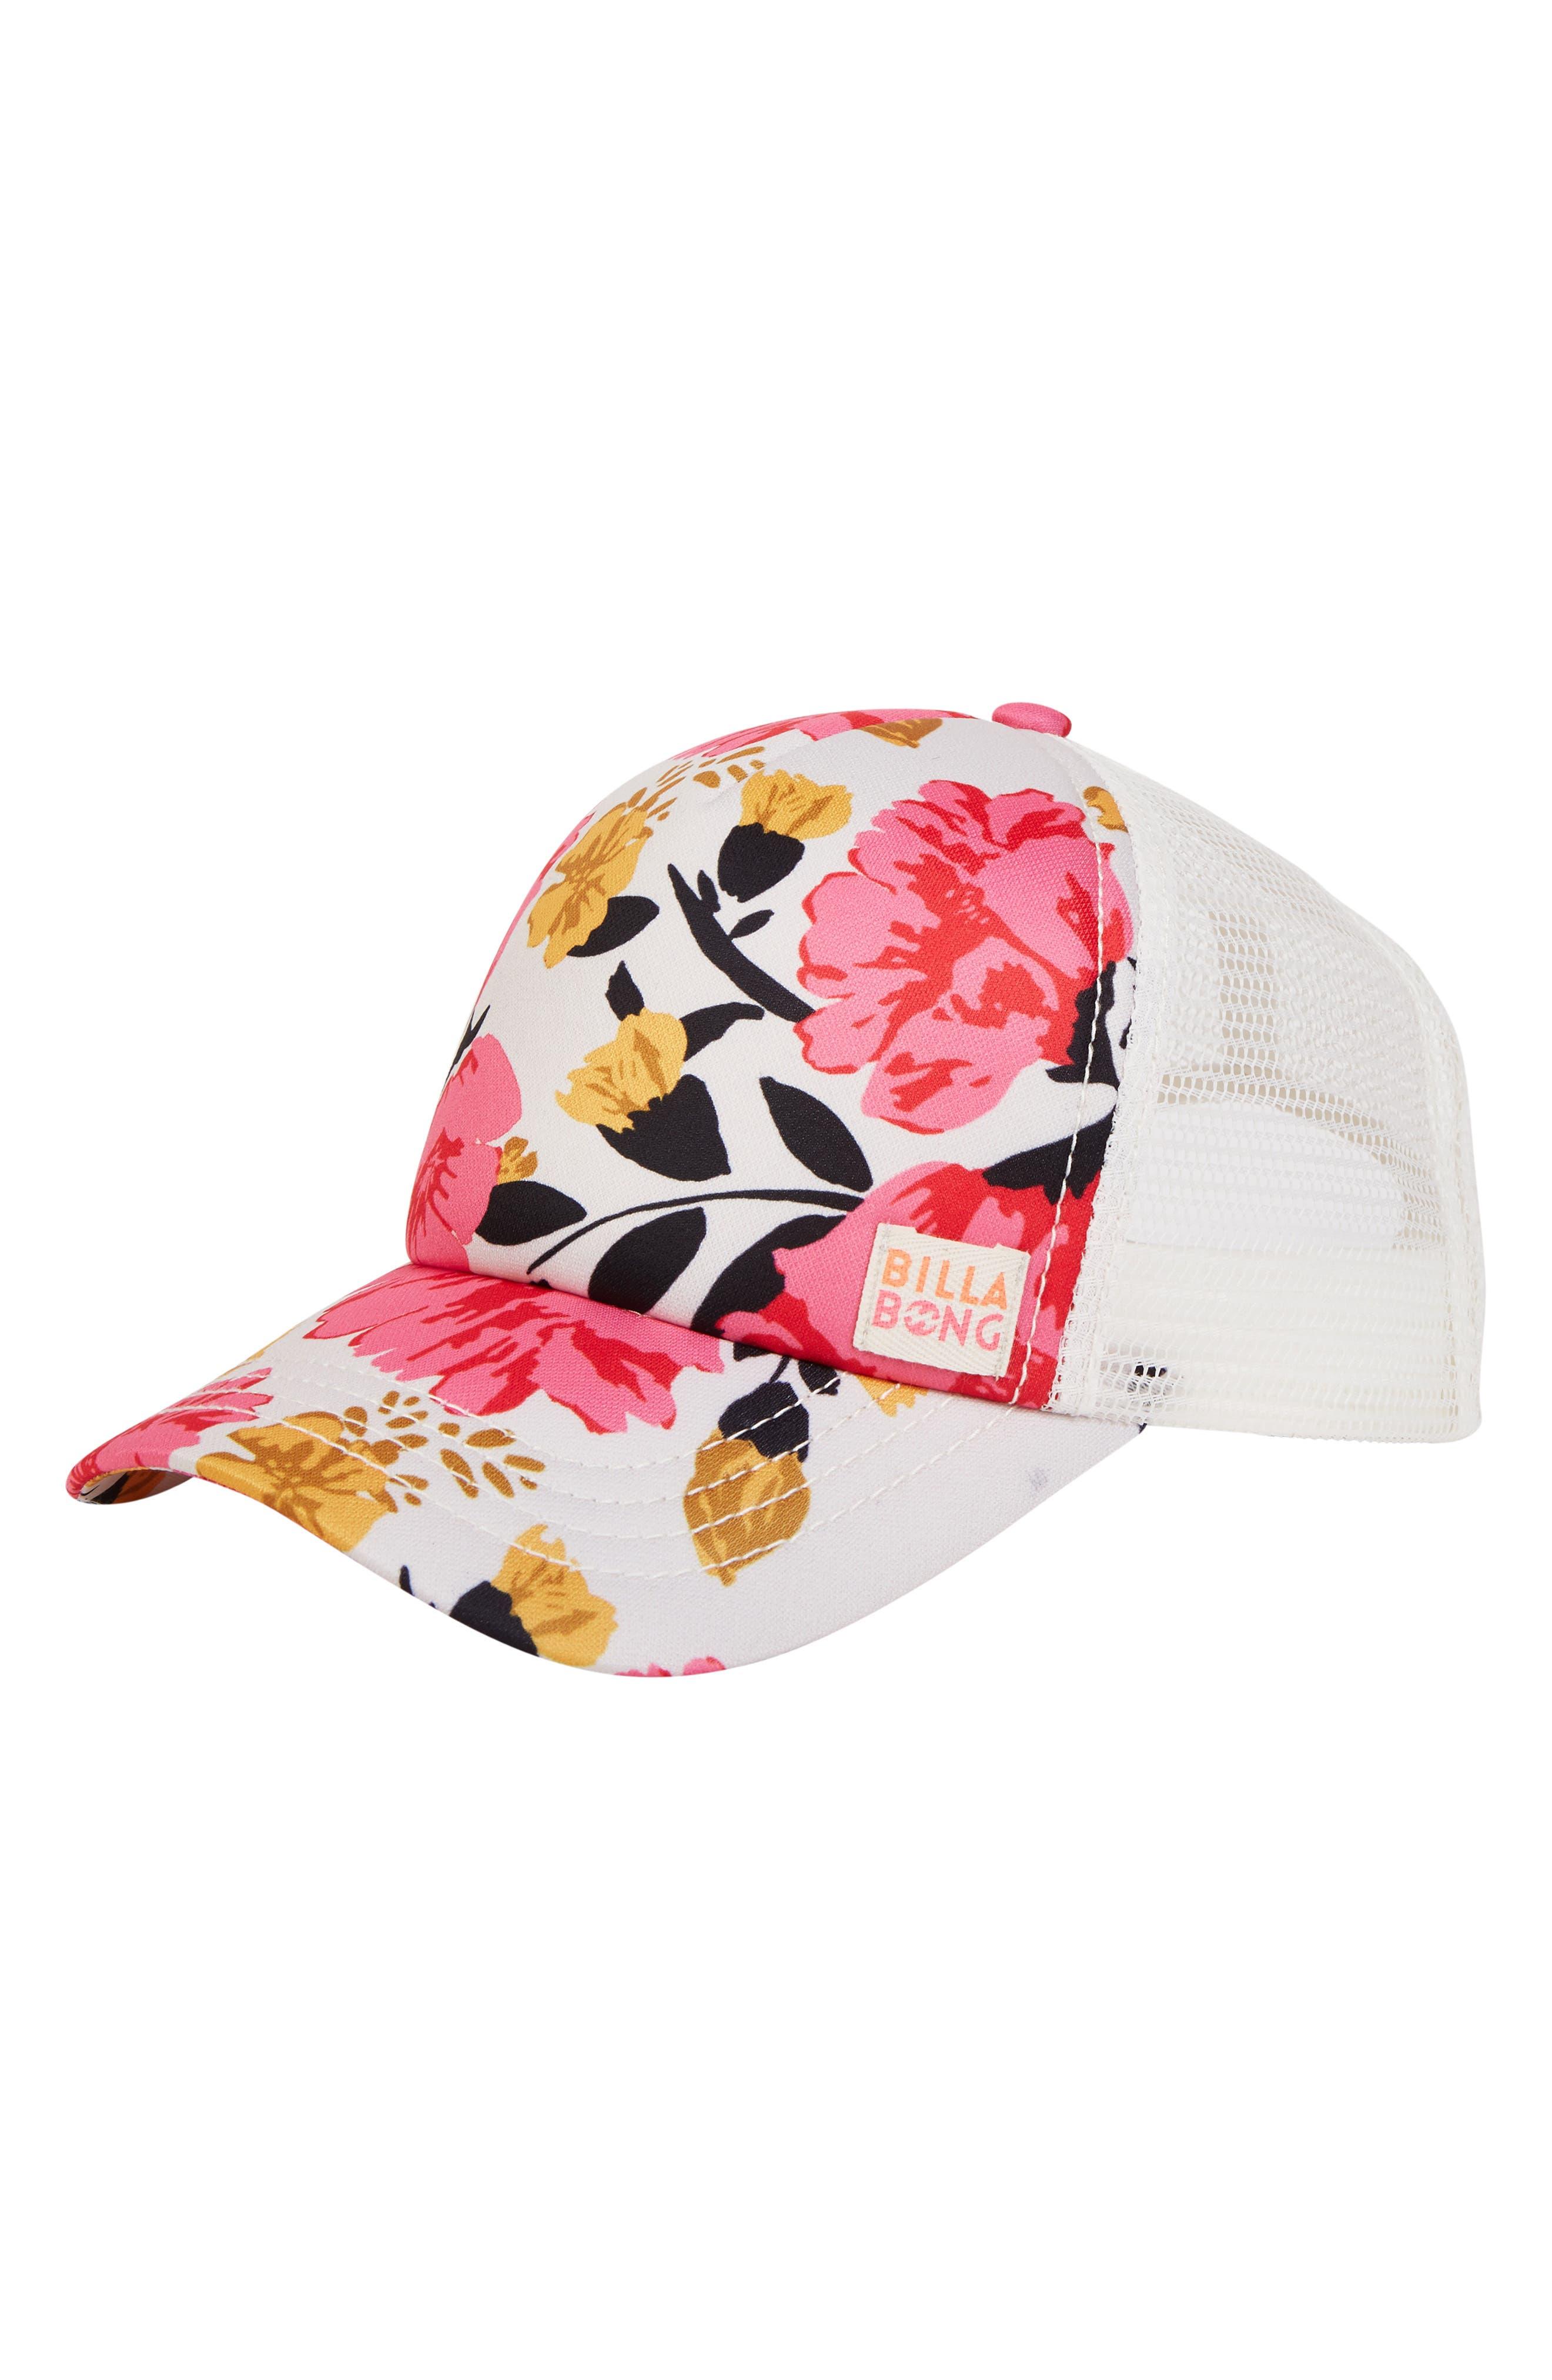 Shenanigans Trucker Hat,                             Main thumbnail 1, color,                             TPK-TAHITI PINK